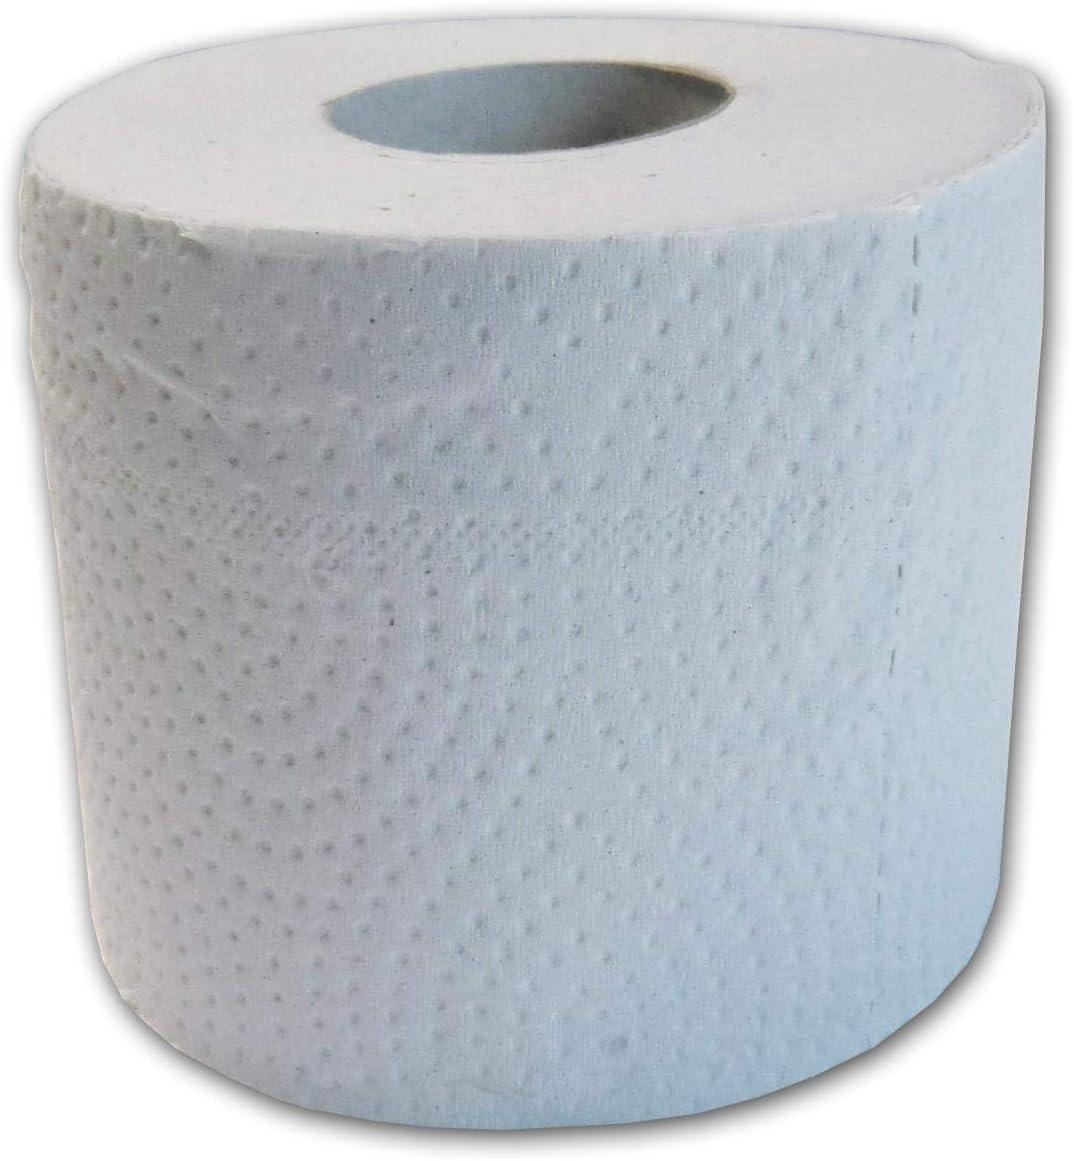 8//24//64 Rollen Camping Toilettenpapier 2 lagig 250 Blatt vollständig auflösend